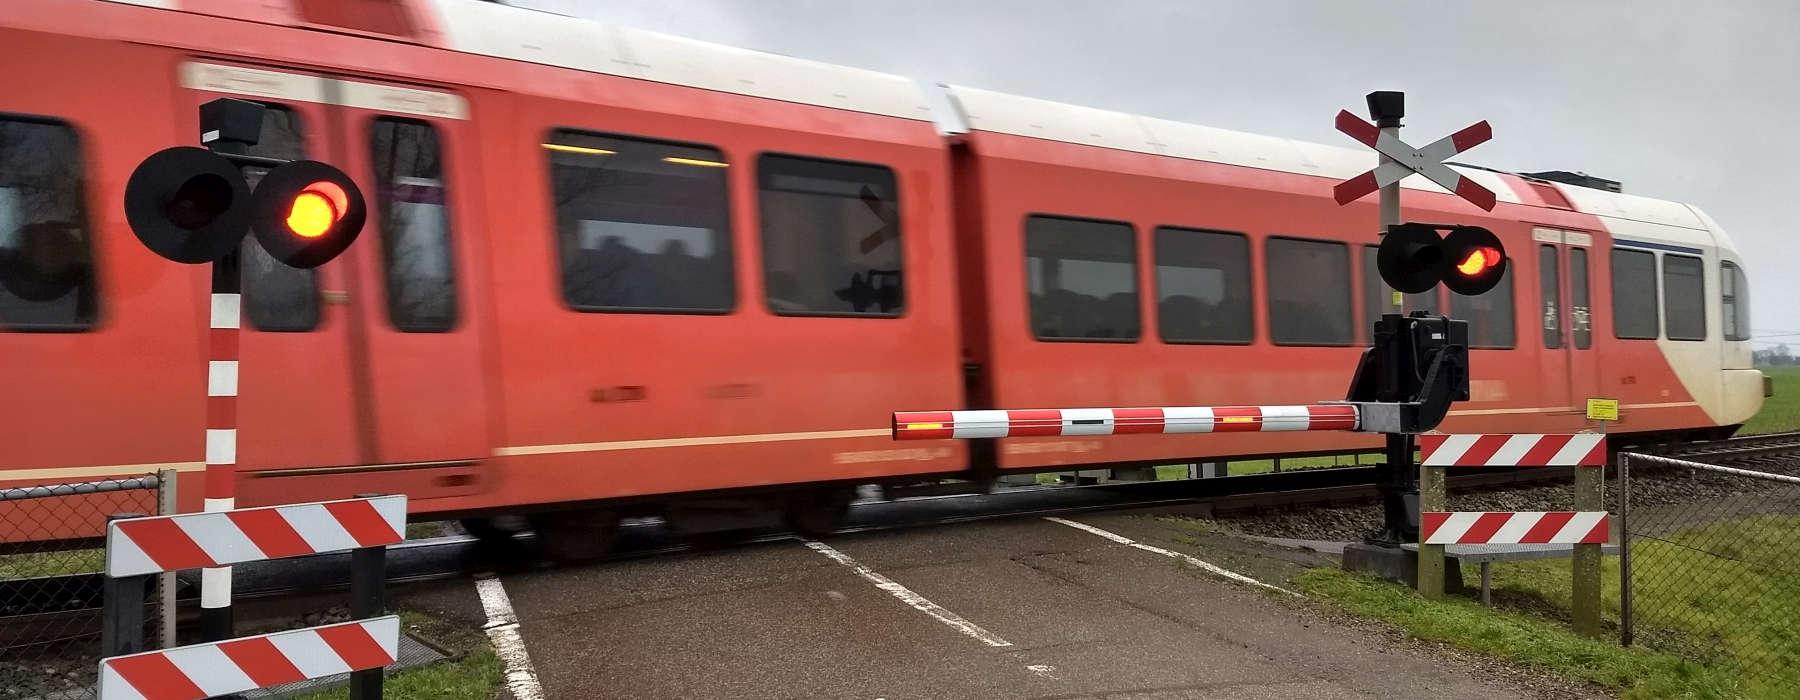 FNP nijs iepenbier ferfier 1 trein